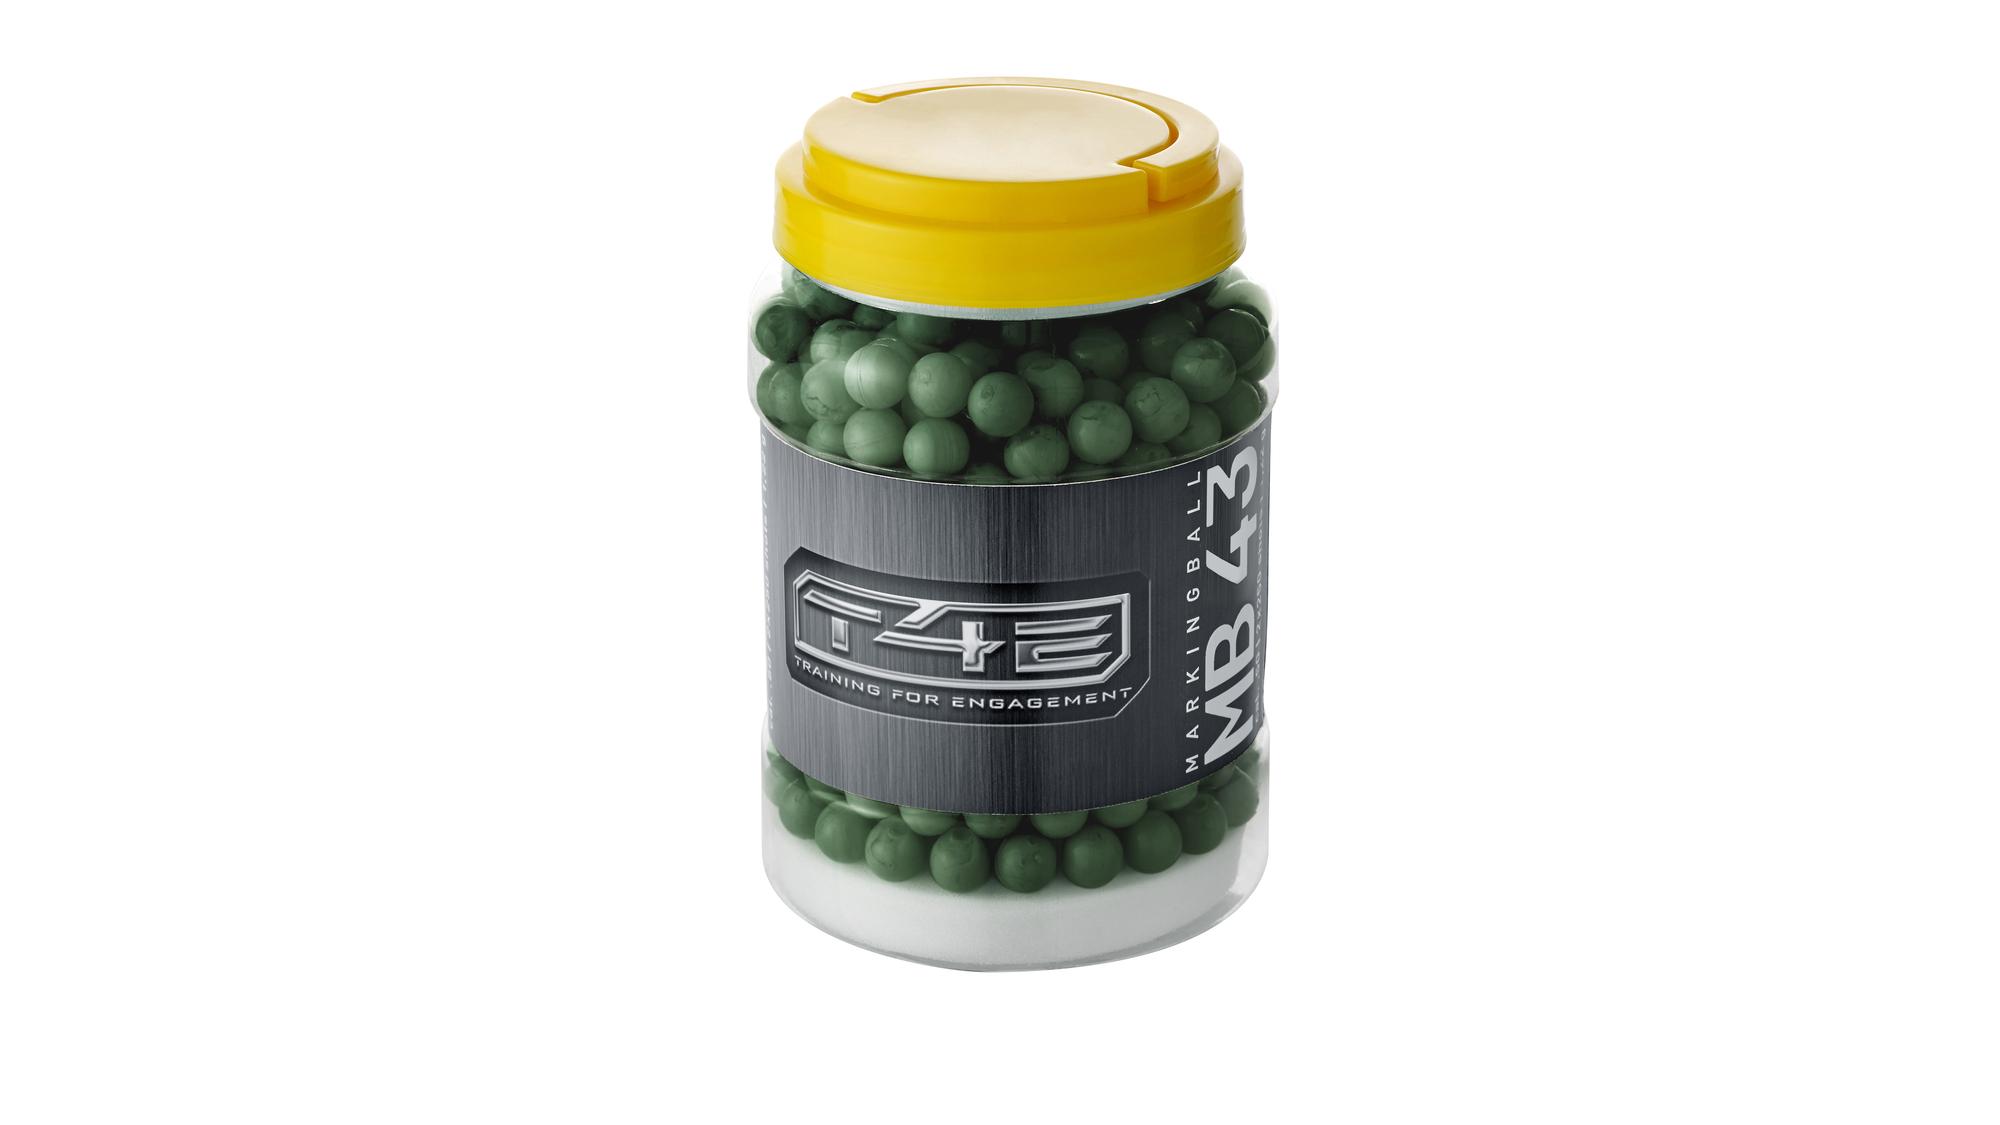 BILE CU VOPSEA CAL. .43 - GREEN - 2X250 BUC.